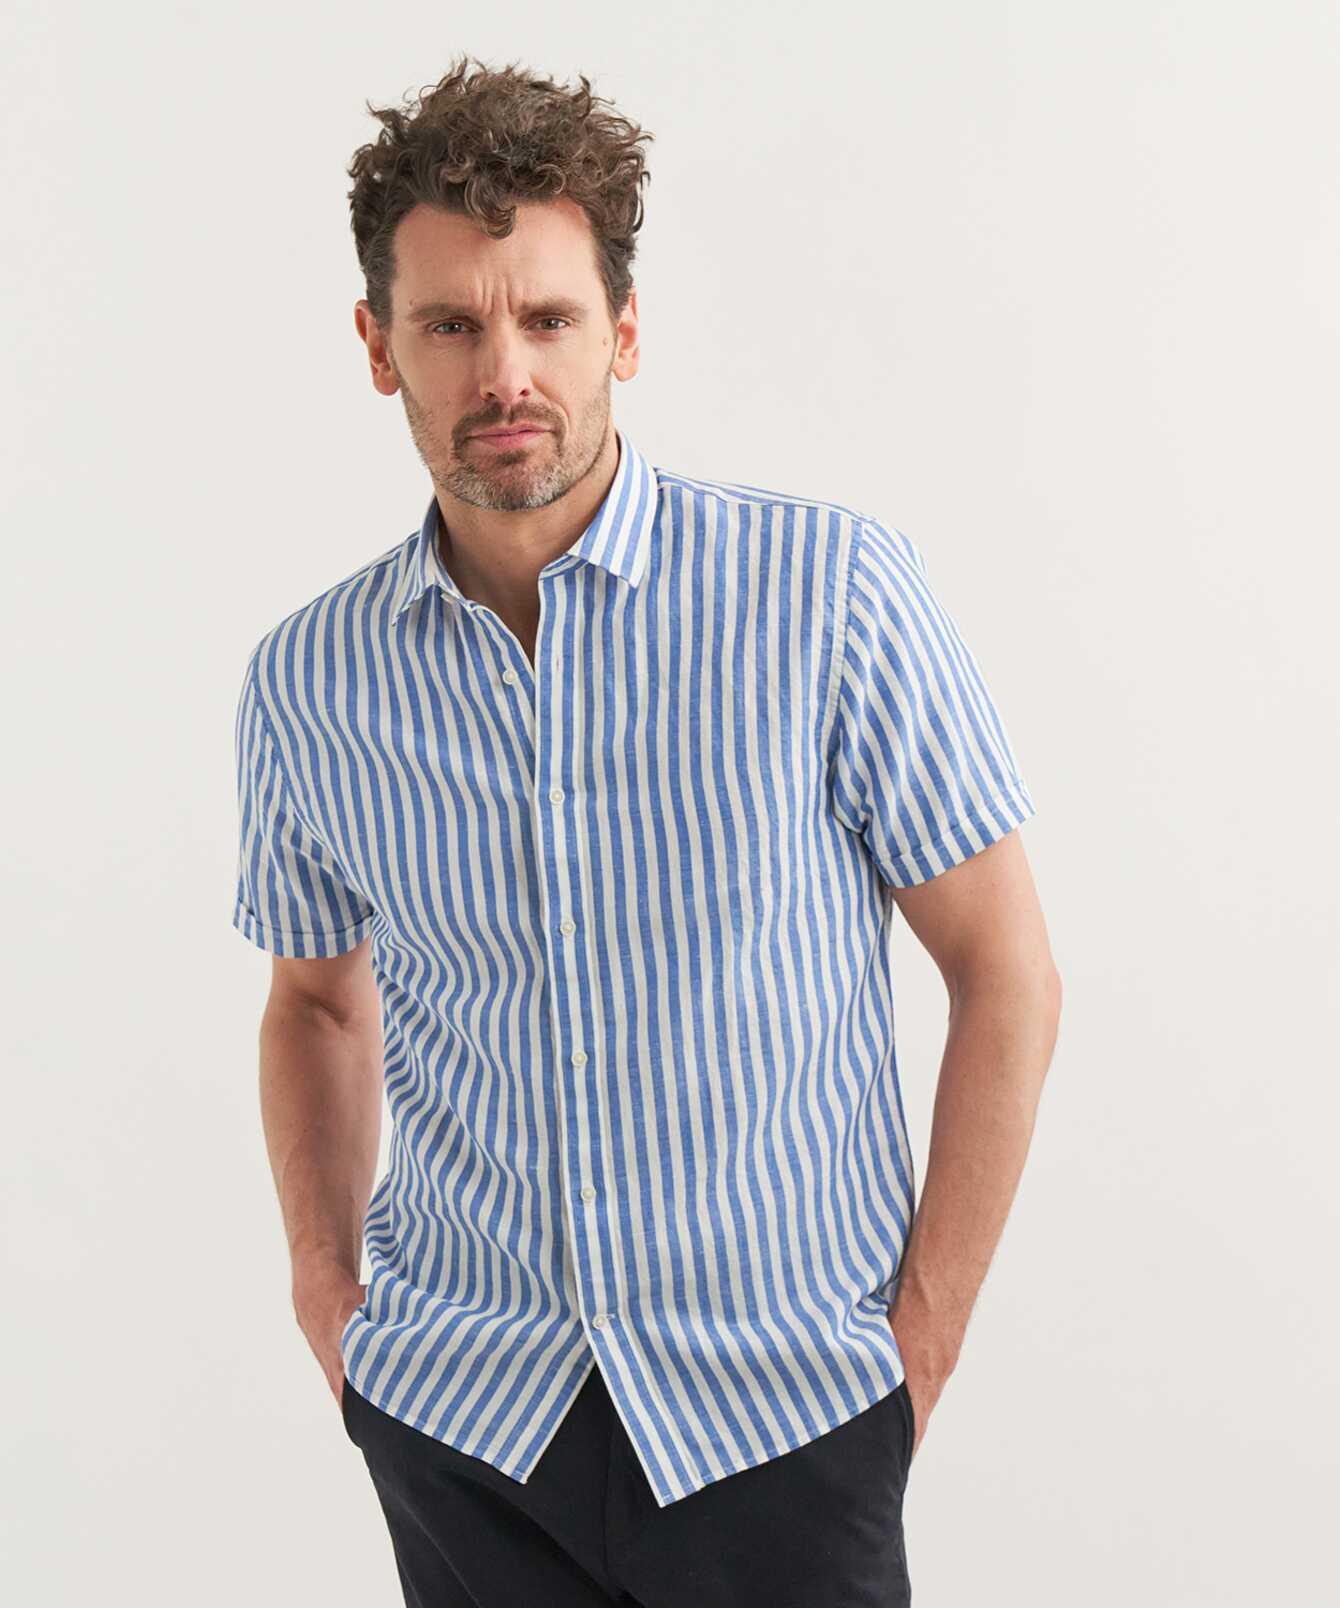 Skjorta Linen Stripe Blå Kortärmad The Shirt Factory